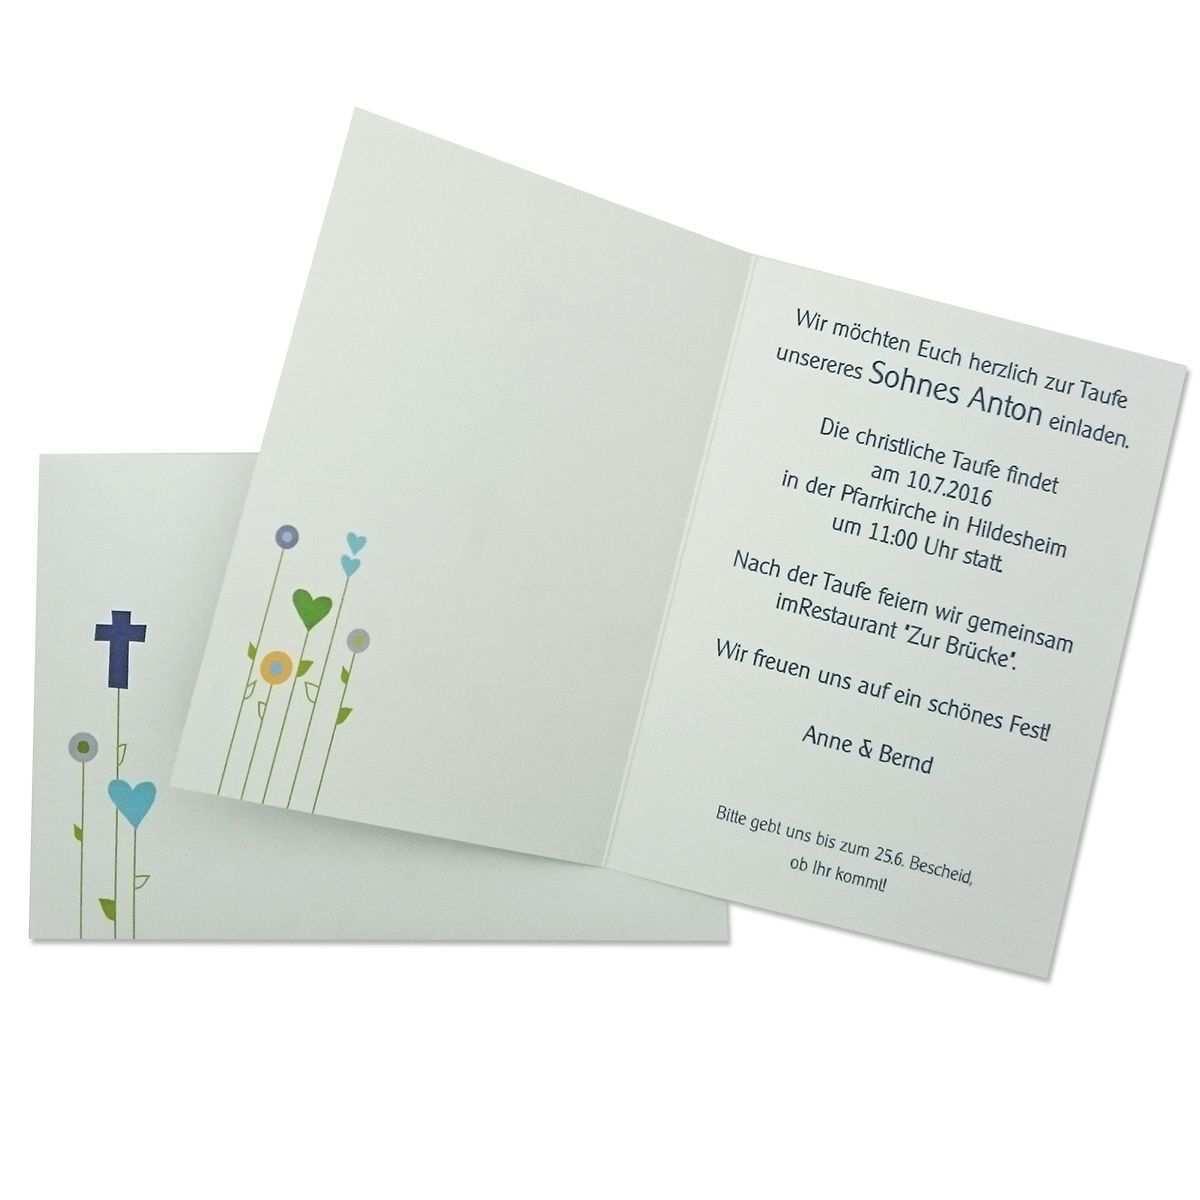 Einladungskarte Zur Taufe Kommunion Konfirmation Motiv Blumenwiese Von Mypaperset Einladung Kommunion Text Einladungen Einladungskarten